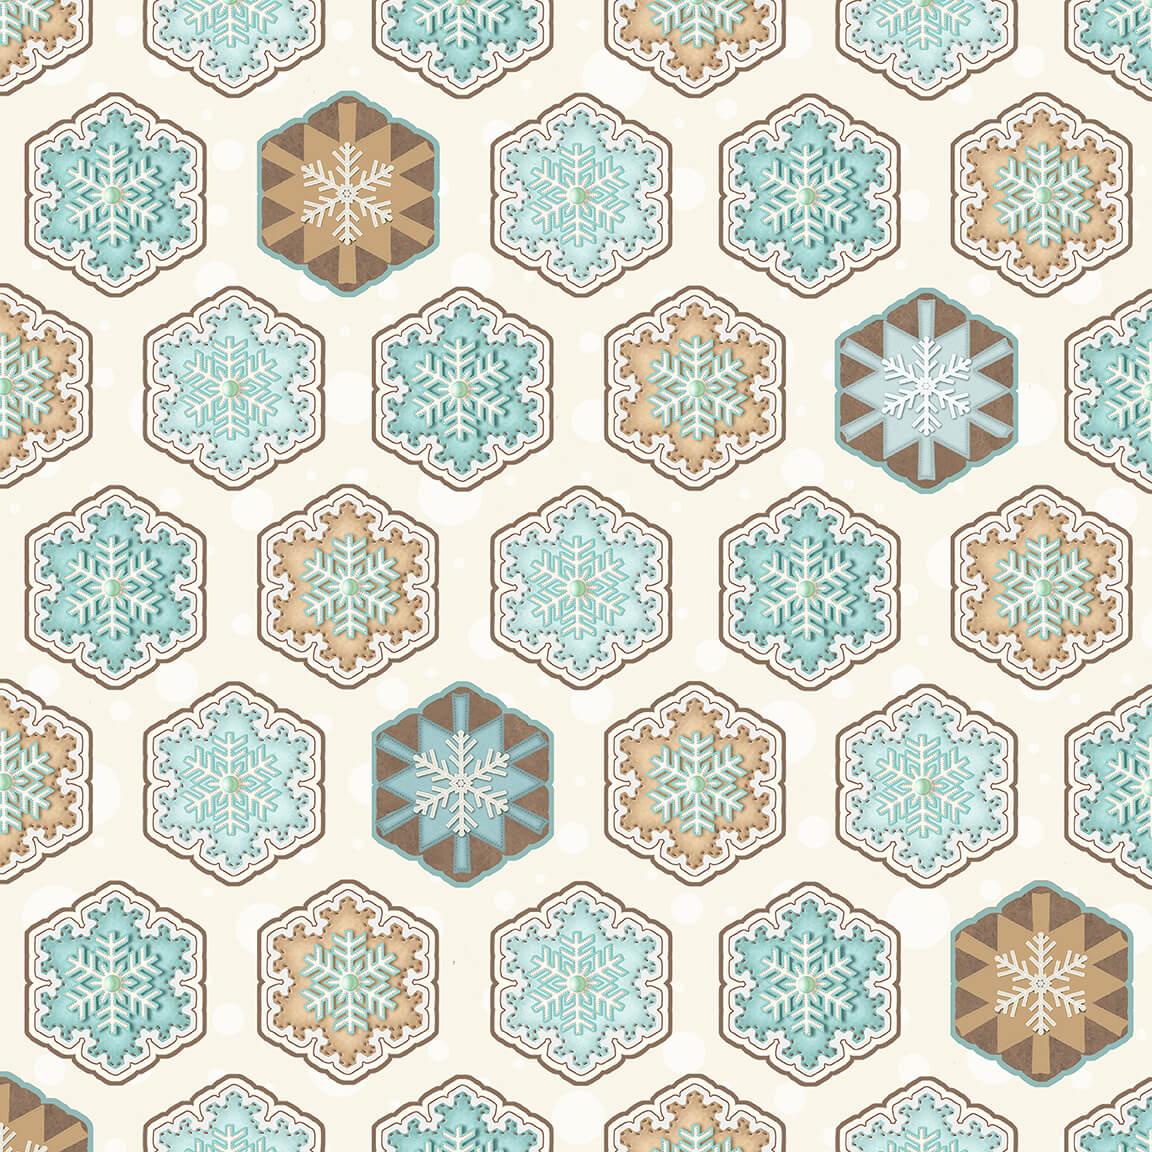 Hexi Snowflakes